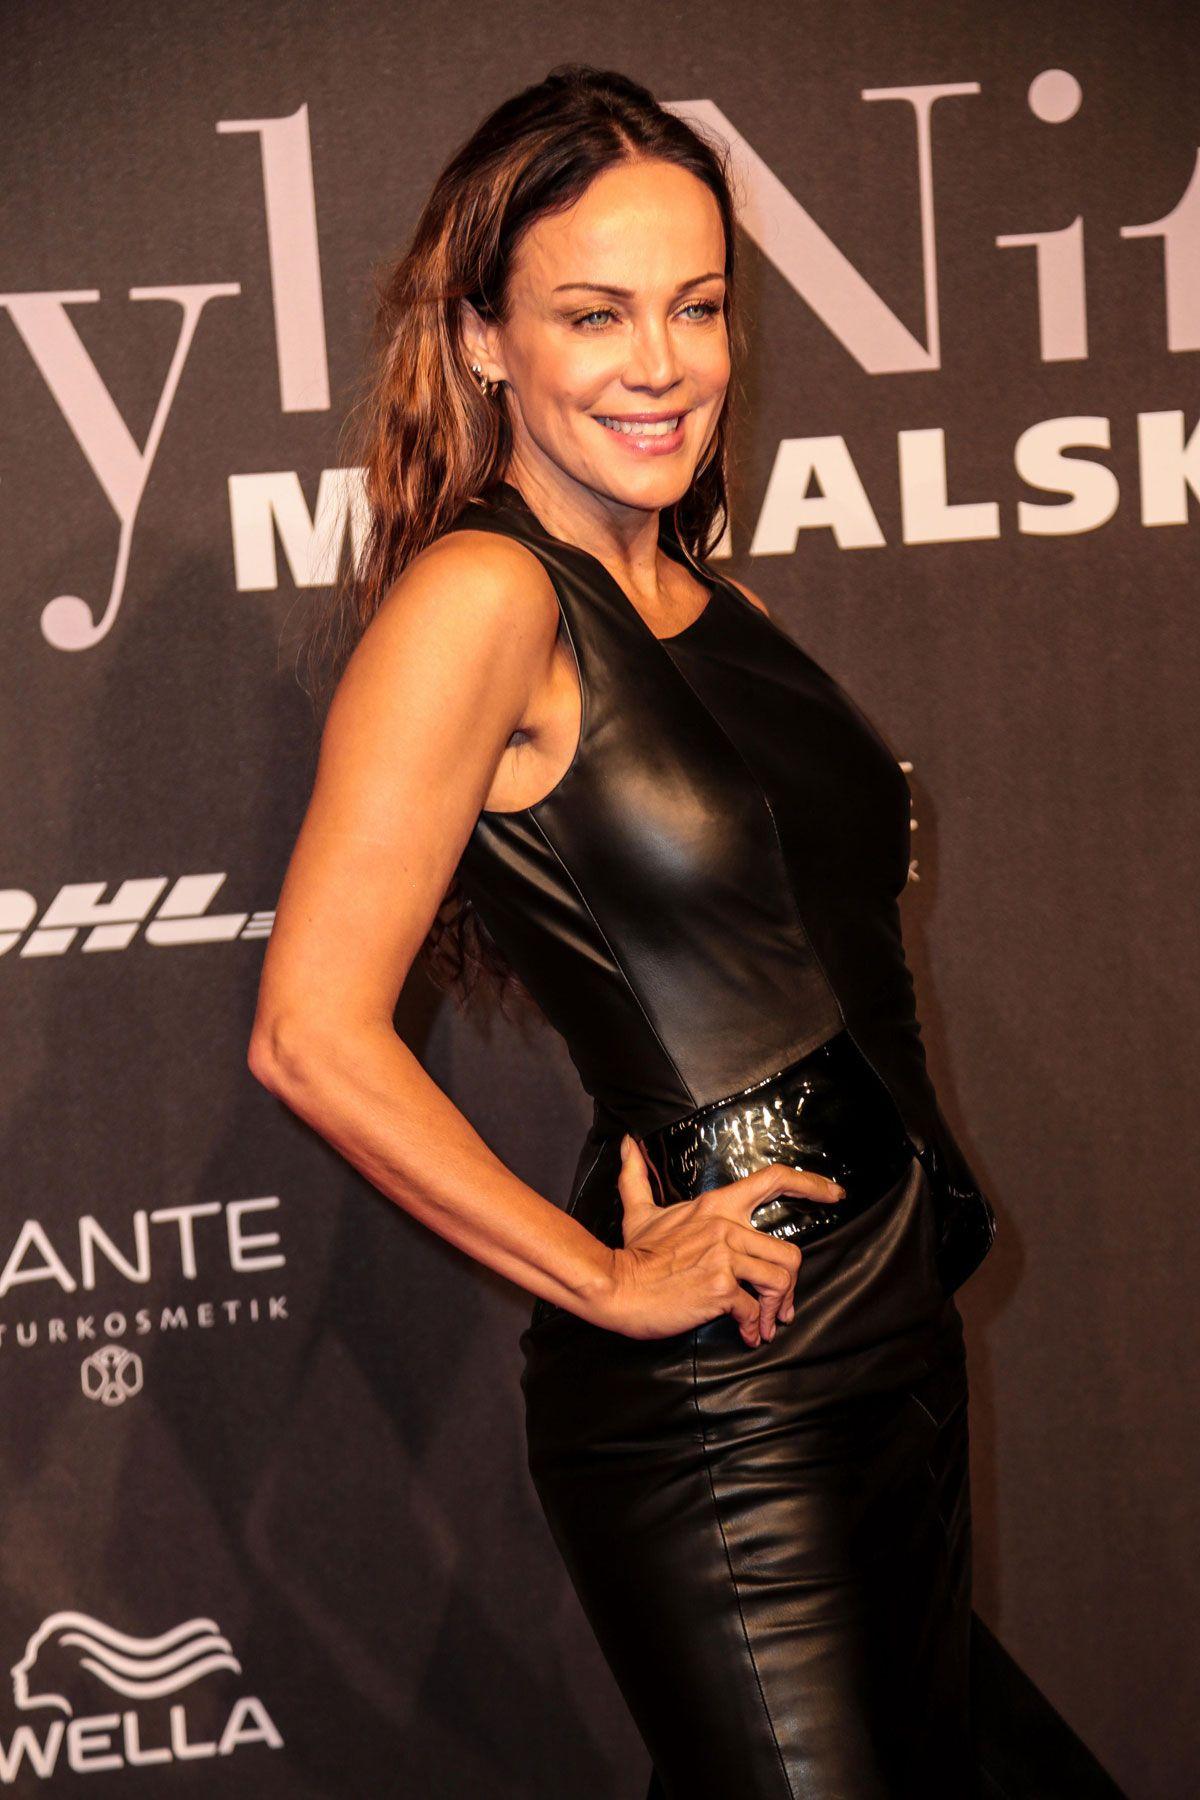 Sonja Kirchberger, Avusturyalı oyuncu tarihte bugün